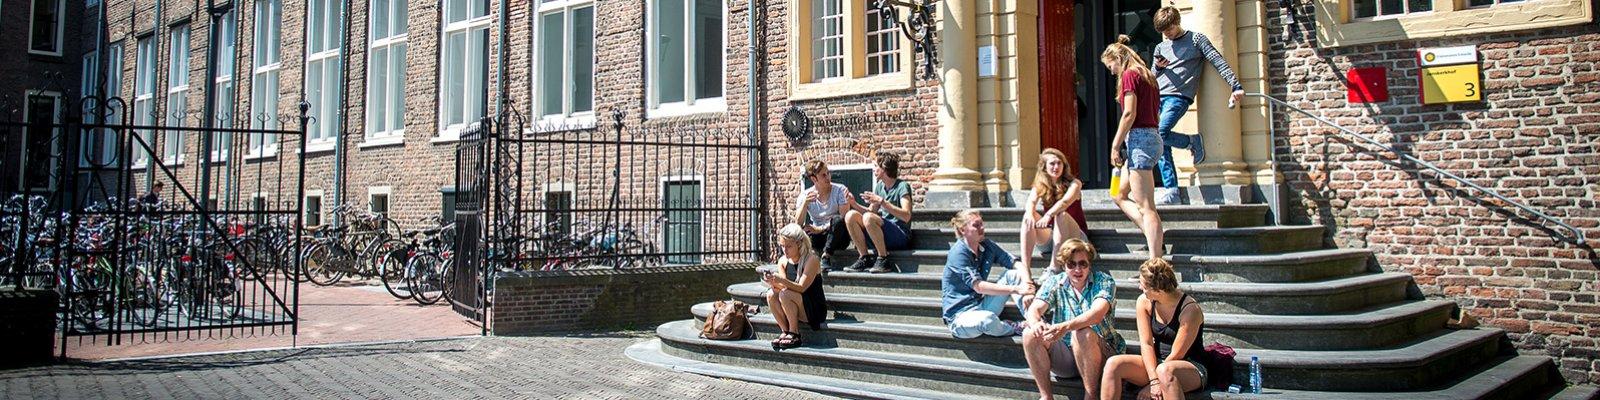 Students in front of Janskerkhof building (photo: Steven Snoep)